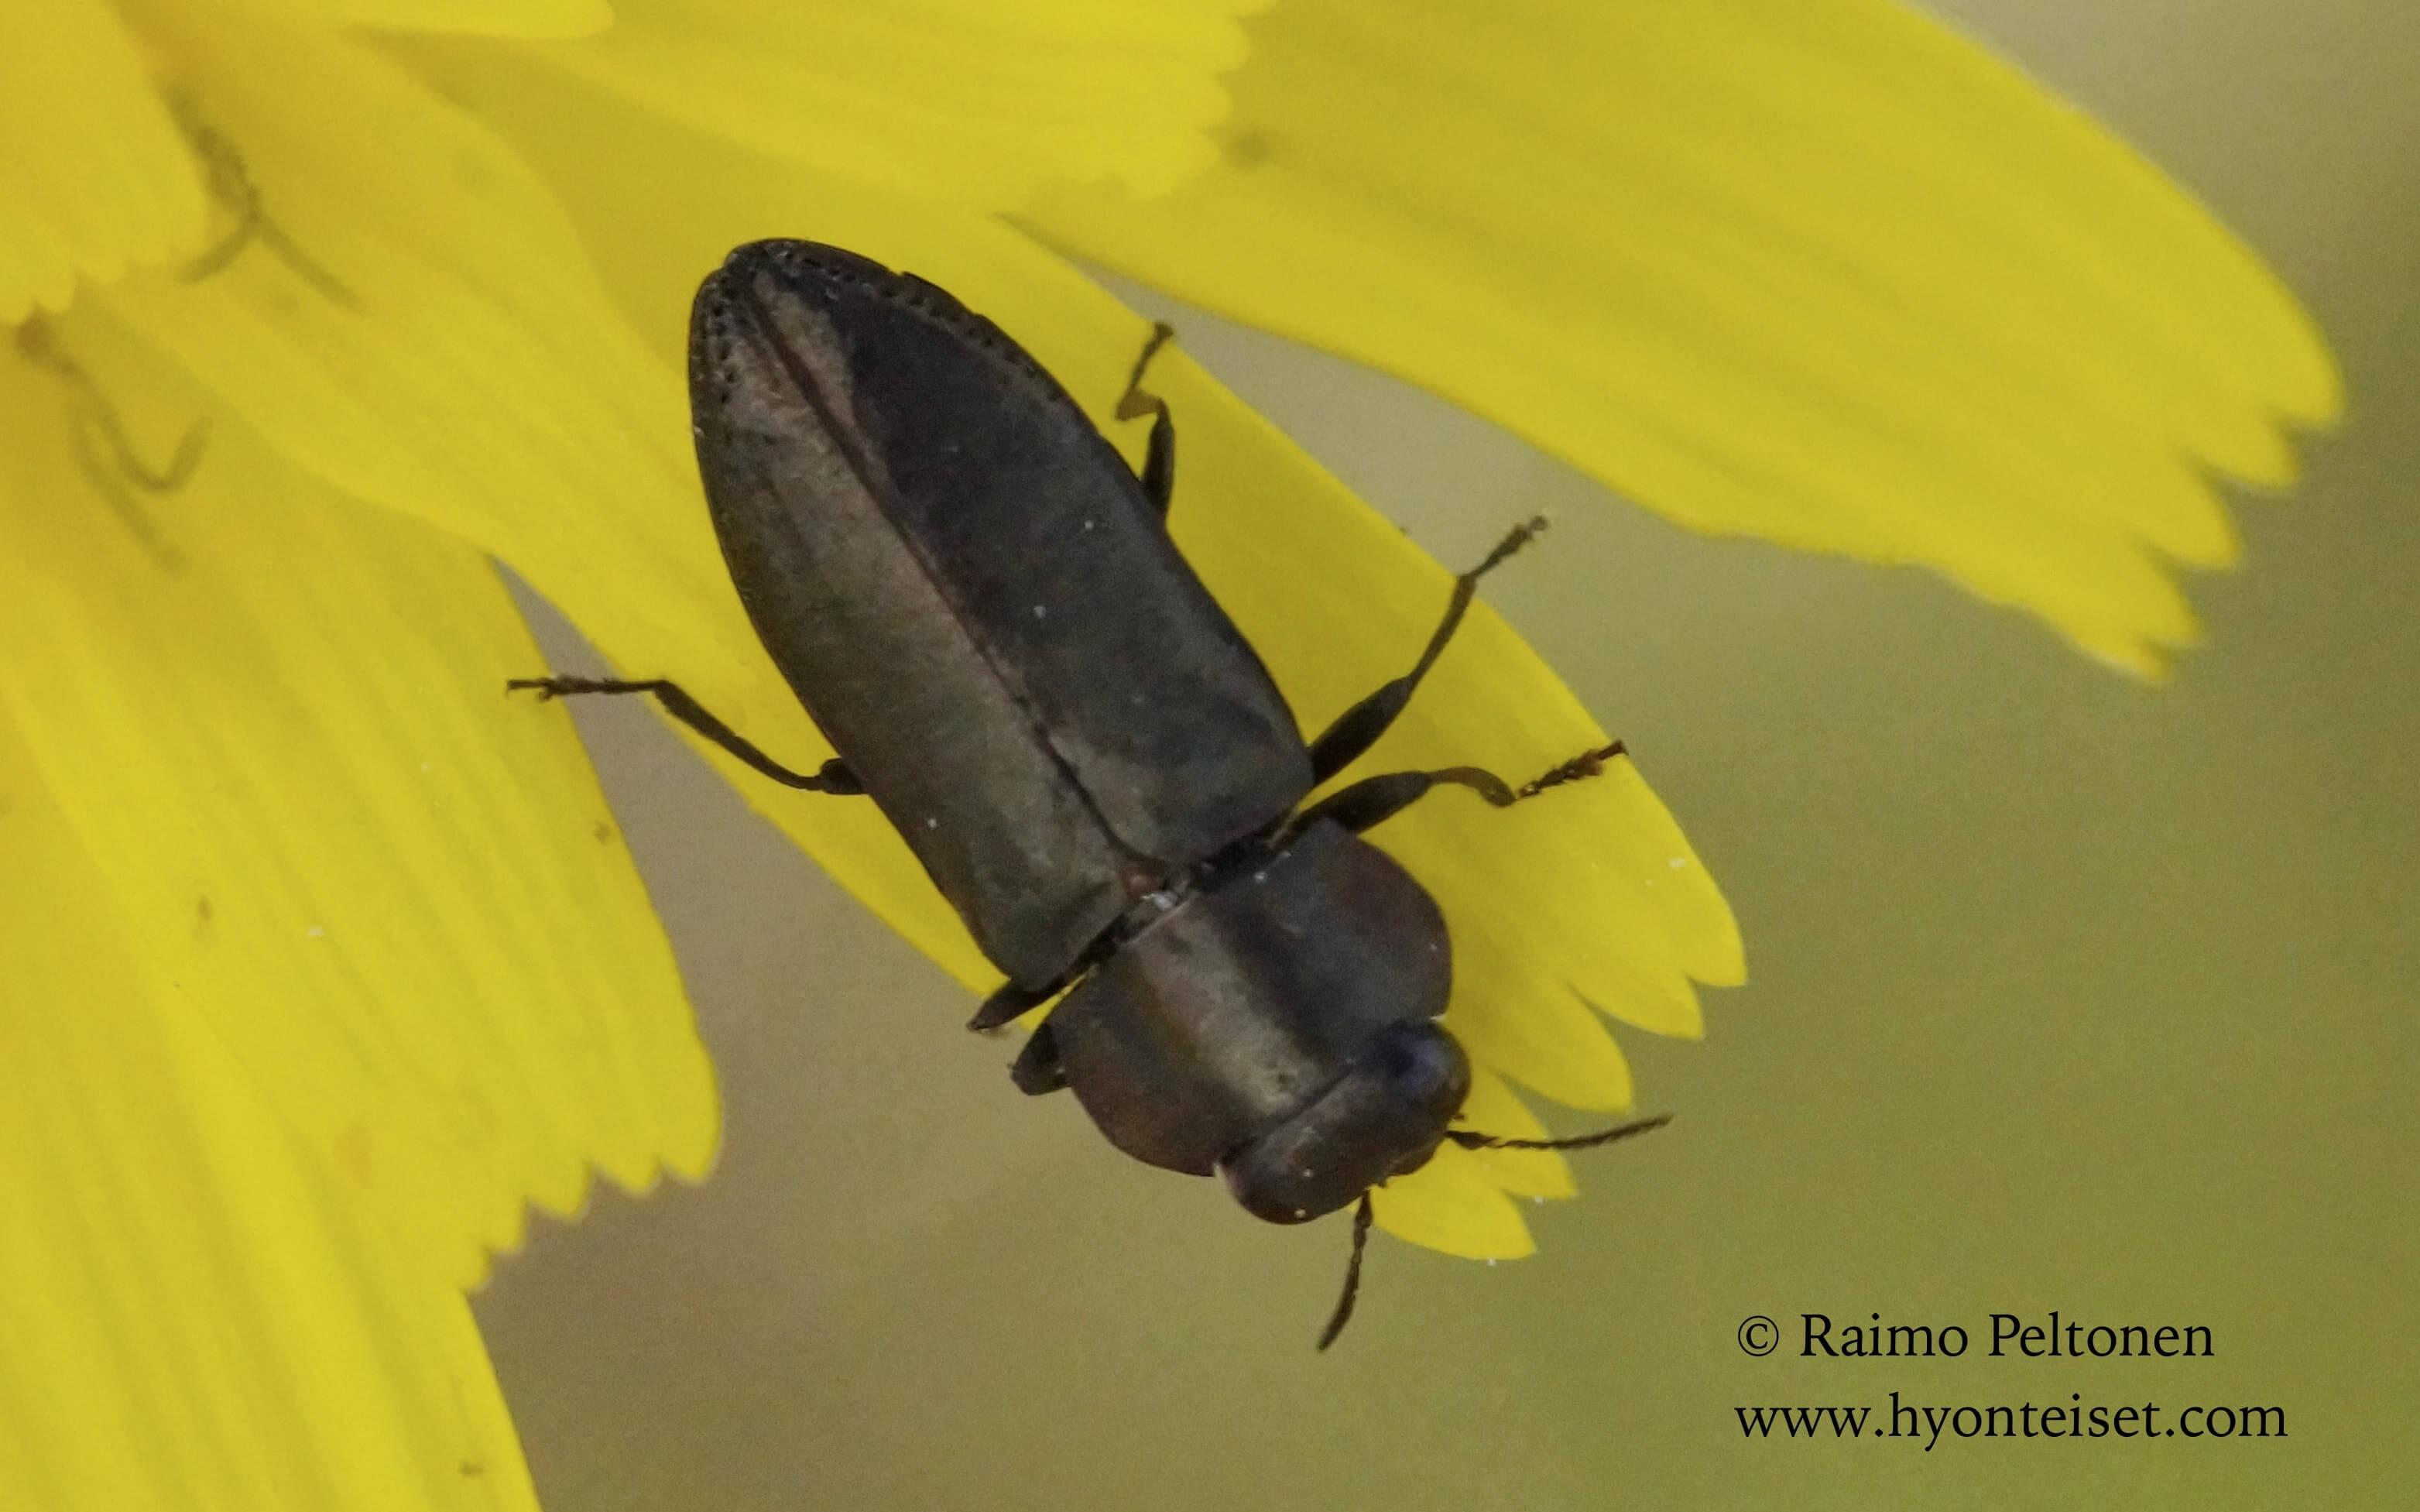 Anthaxia sp. (Buprestidae) MALLORCA